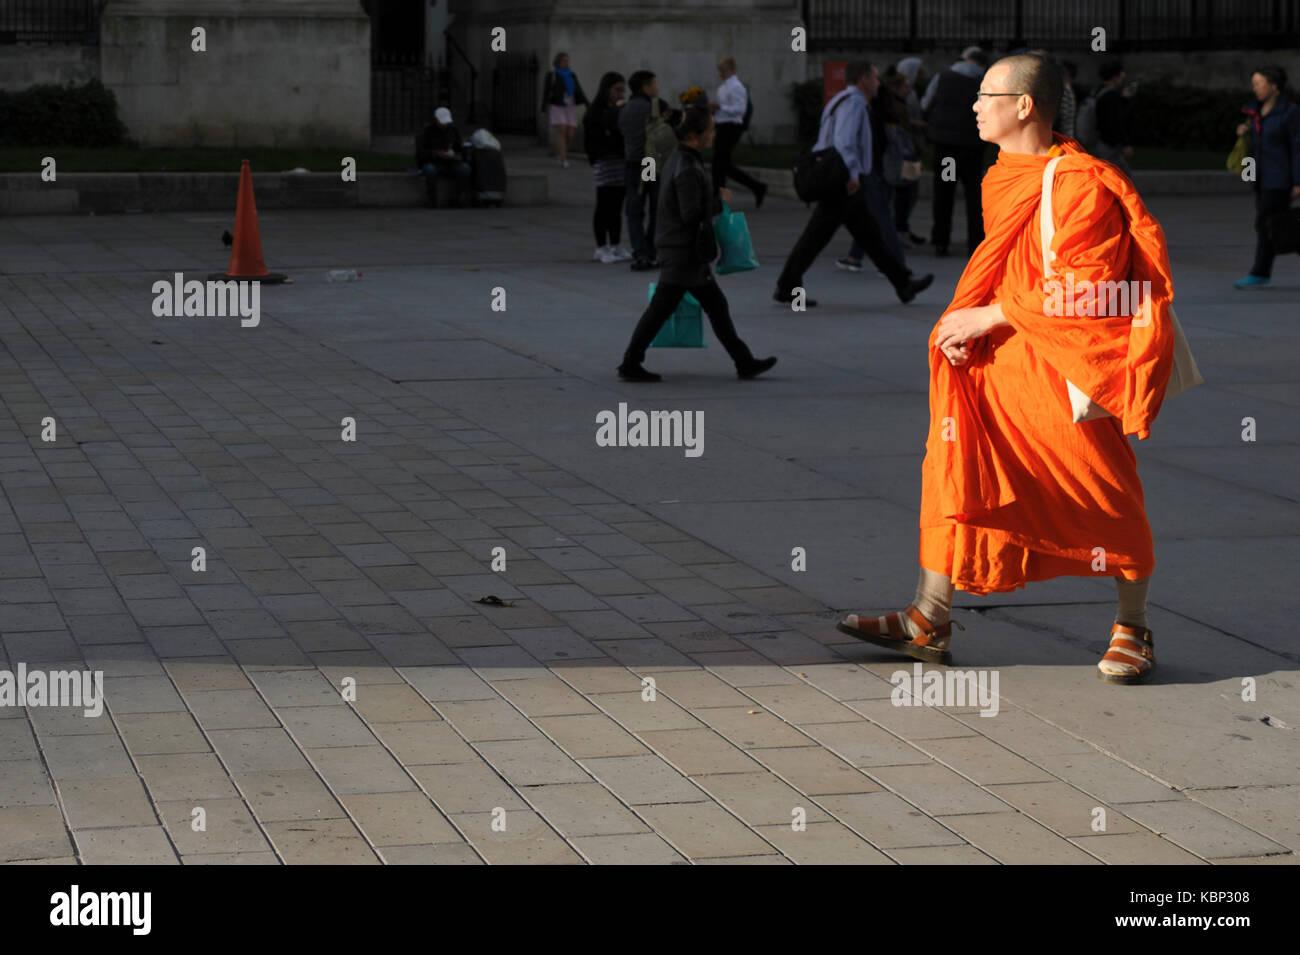 Los dos monjes budistas son paseos en Trafalgar Square, están tomando fotografías de cada uno de otros. Imagen De Stock